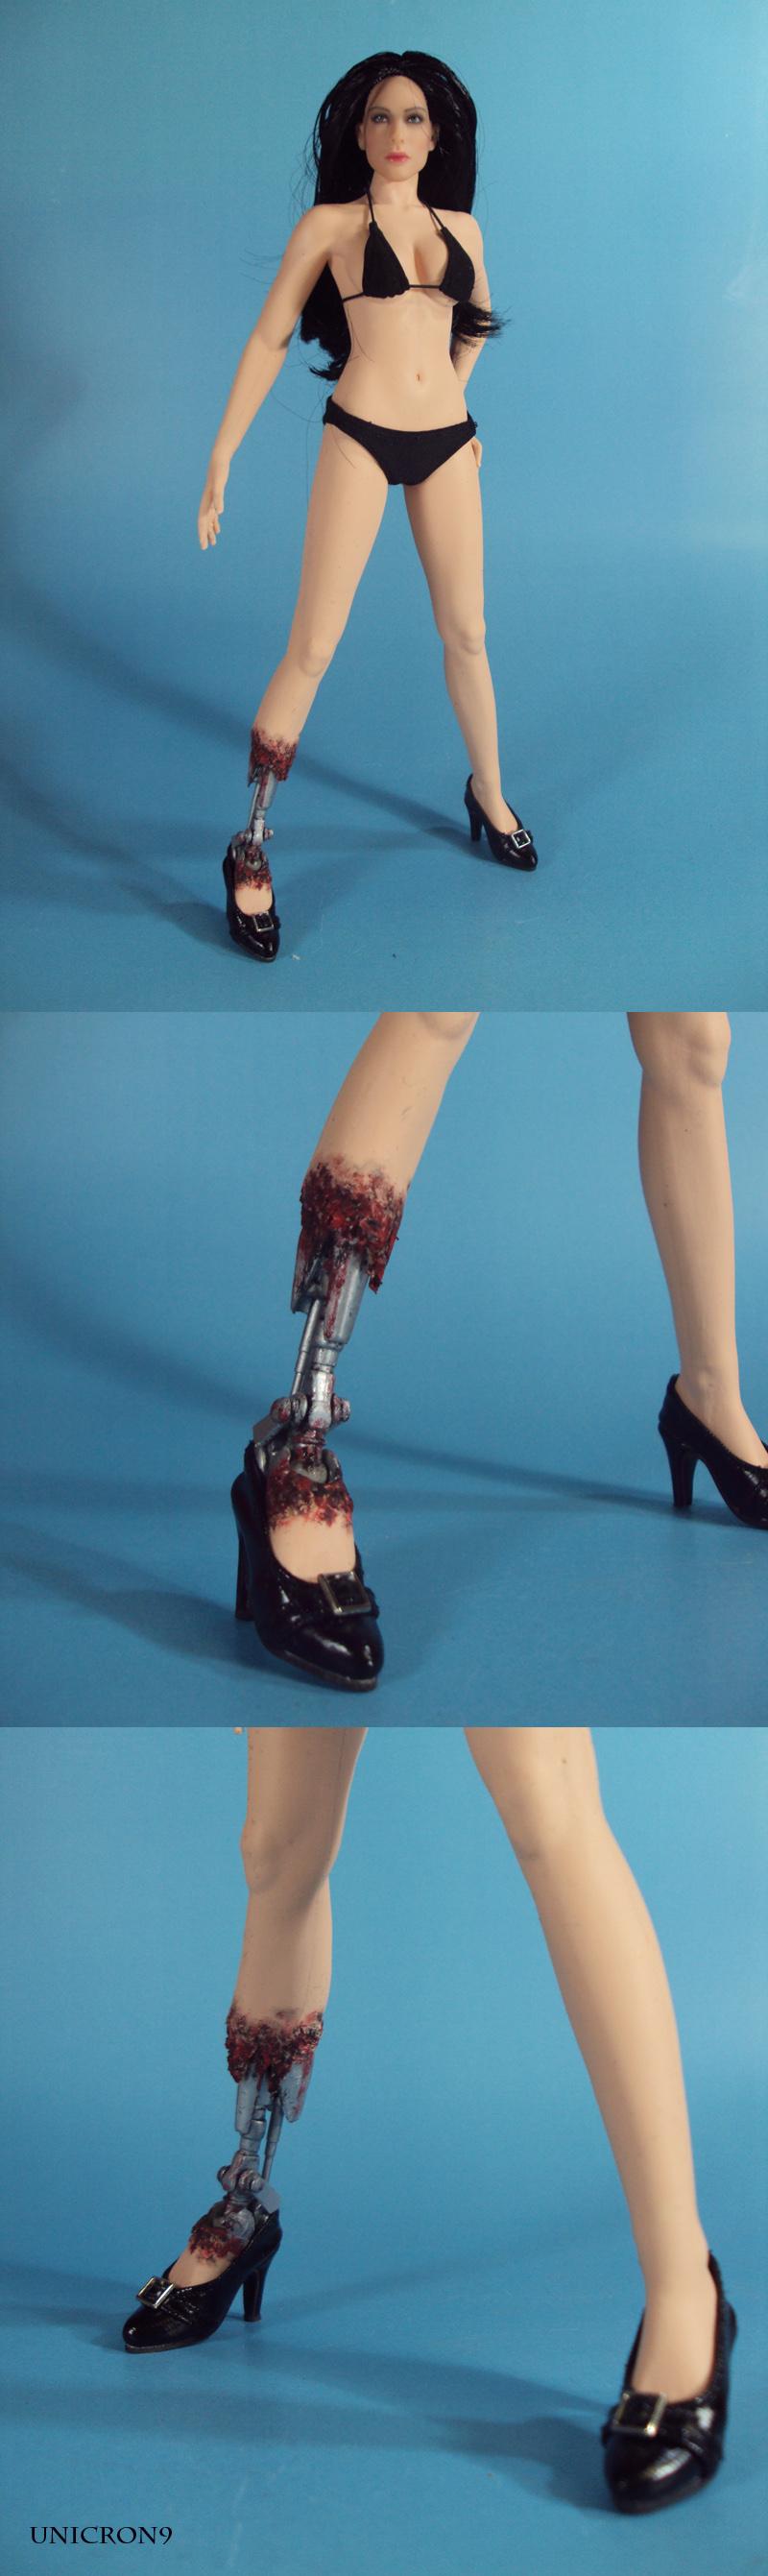 Réparer avec style Phicen et Hotstuff Terminator_girl_by_unicron9-d6uohdk